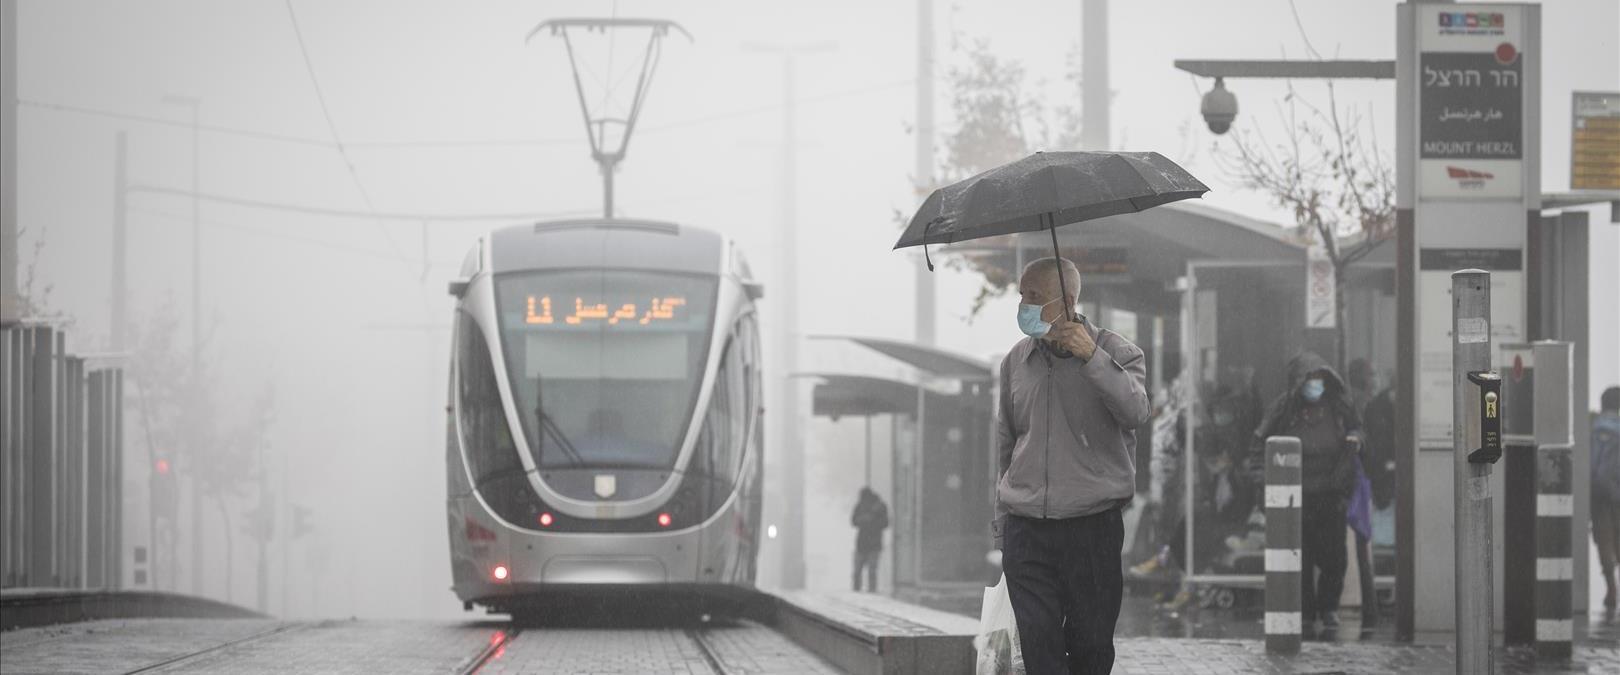 הגשם האחרון בירושלים, 24.12.20